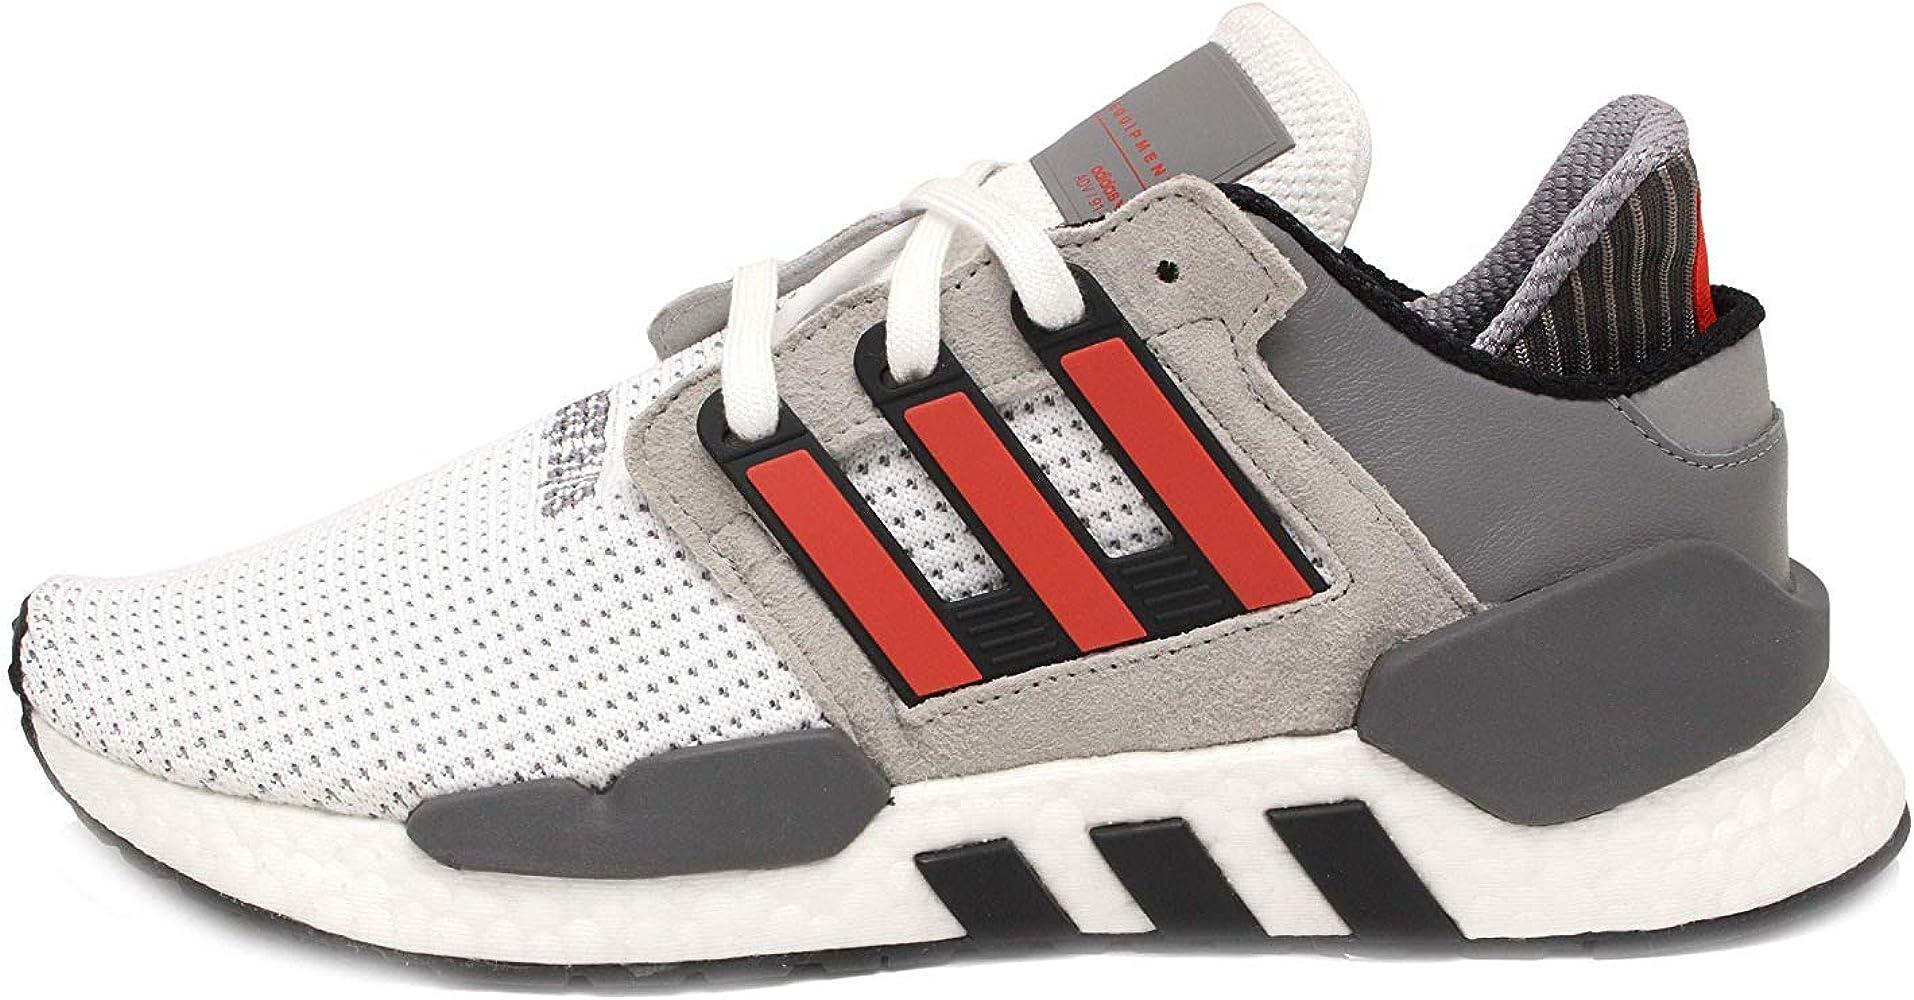 Amazon.com: adidas EQT Support 91/18: Shoes